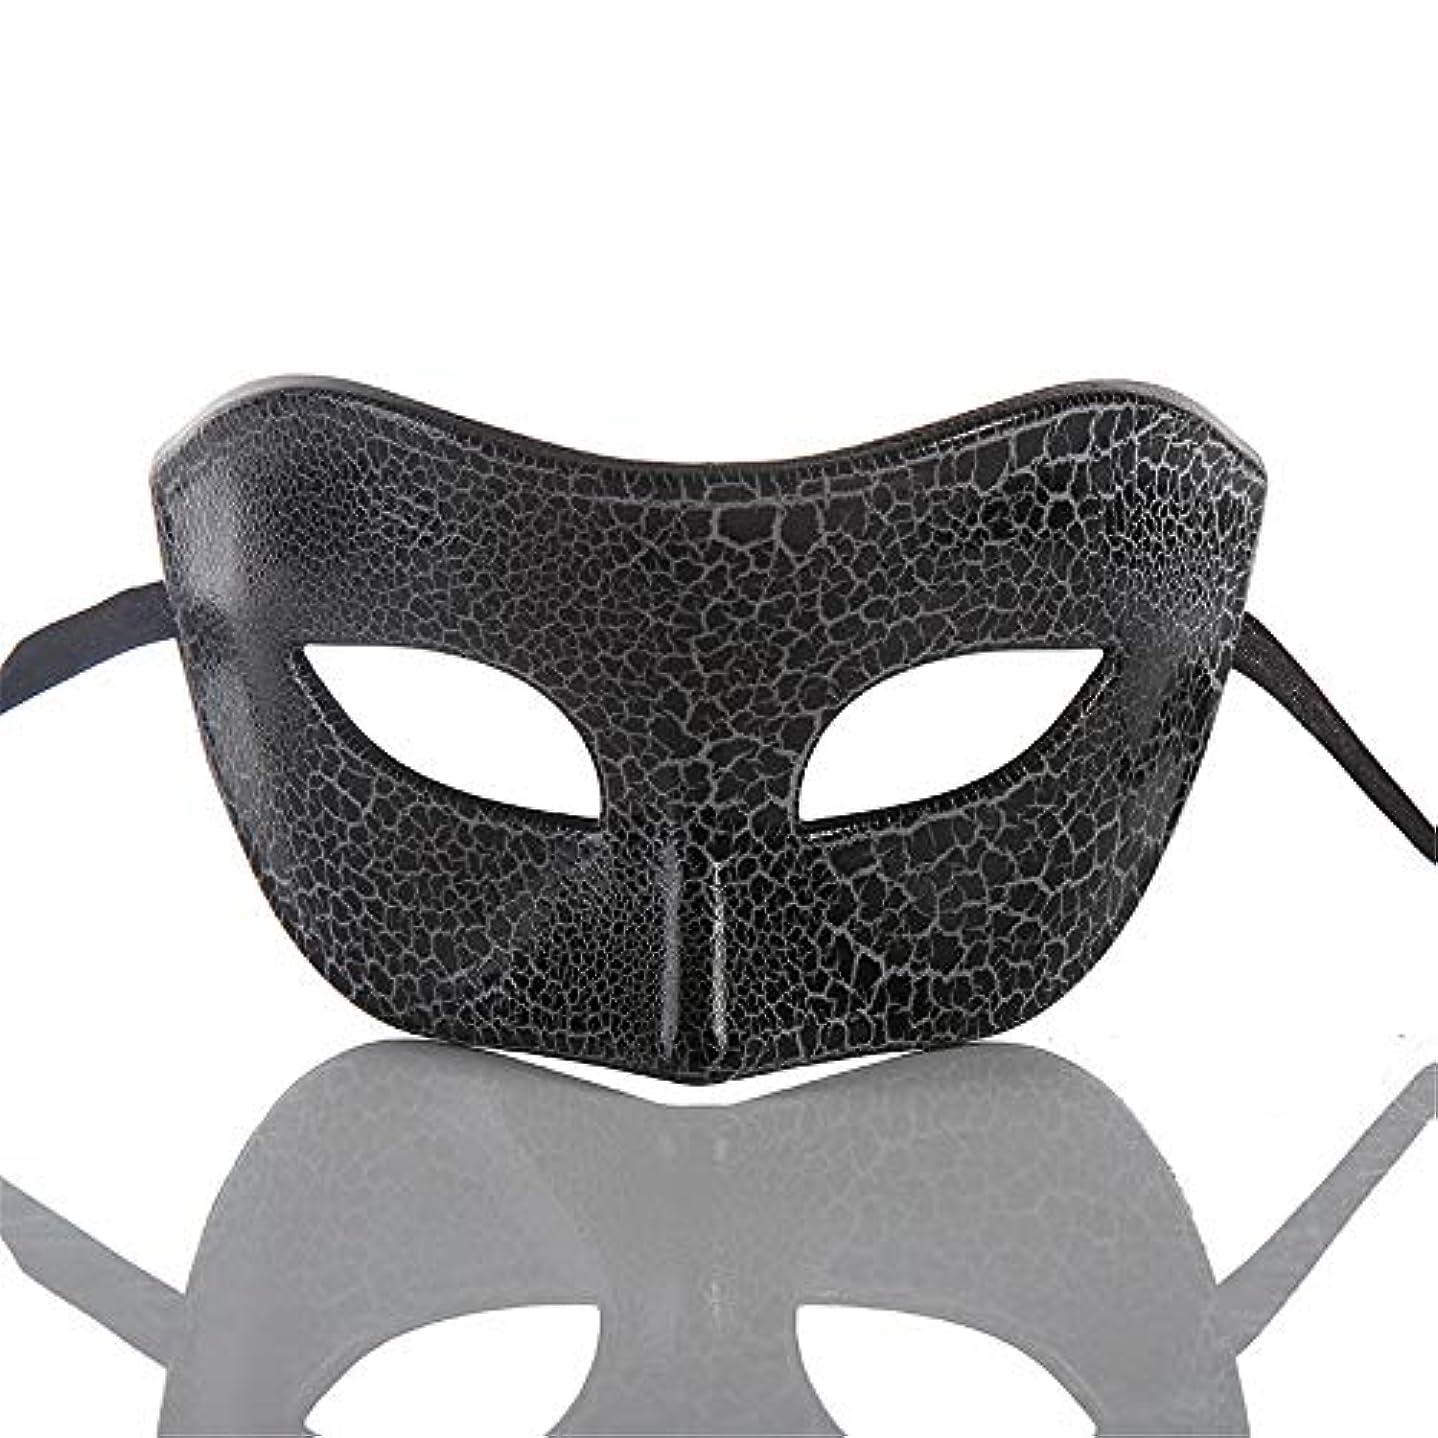 相関するイベント突き出すダンスマスク ハーフマスク新しいハロウィーンマスク仮装レトロコスプレメイクナイトクラブマスク雰囲気クリスマスお祝いプラスチックマスク パーティーボールマスク (色 : ブラック, サイズ : 16.5x8cm)